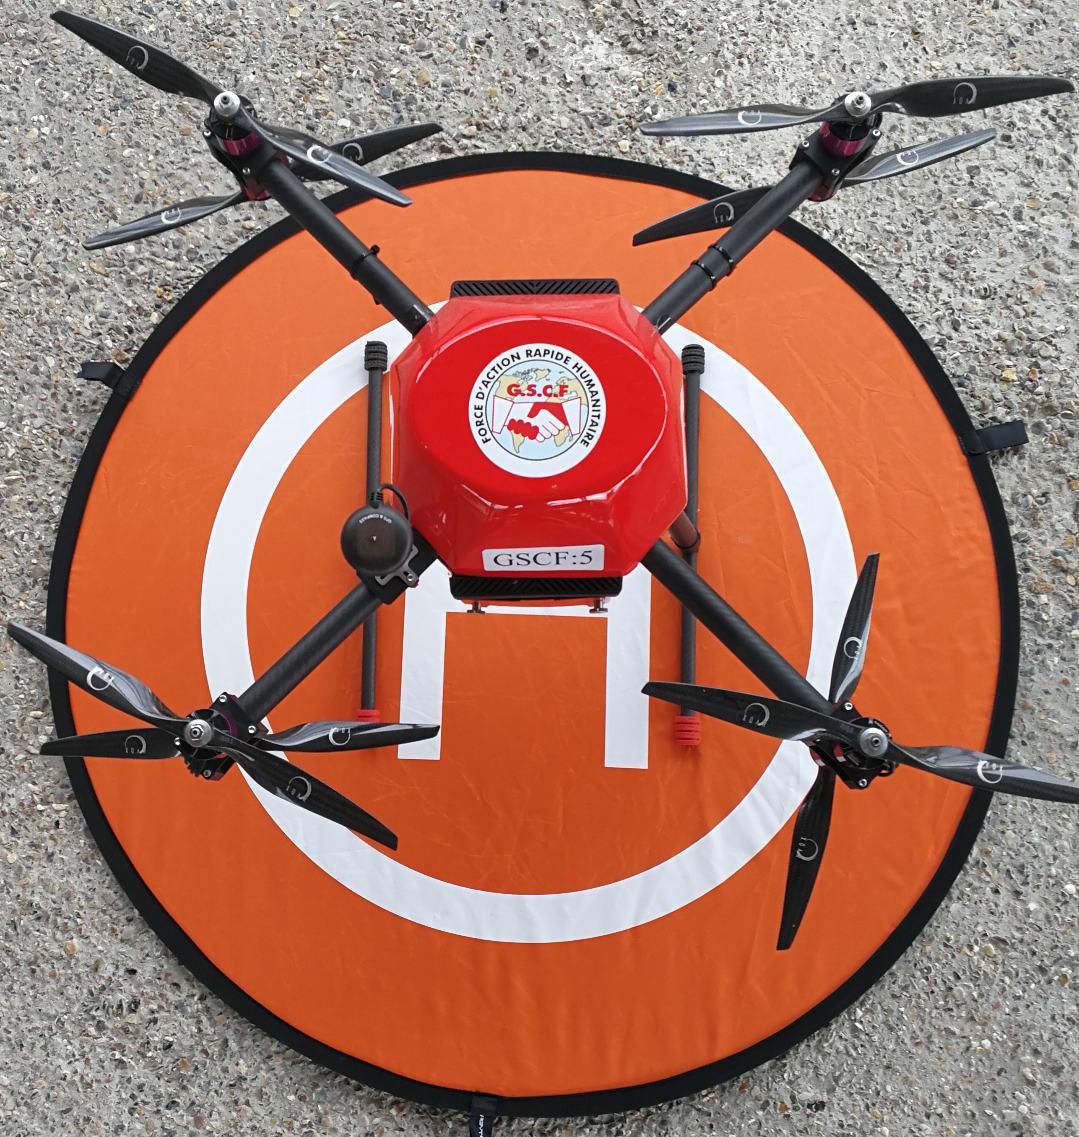 Parmi la flotte de 5 drones du GSCF, deux sont des OctoPush.